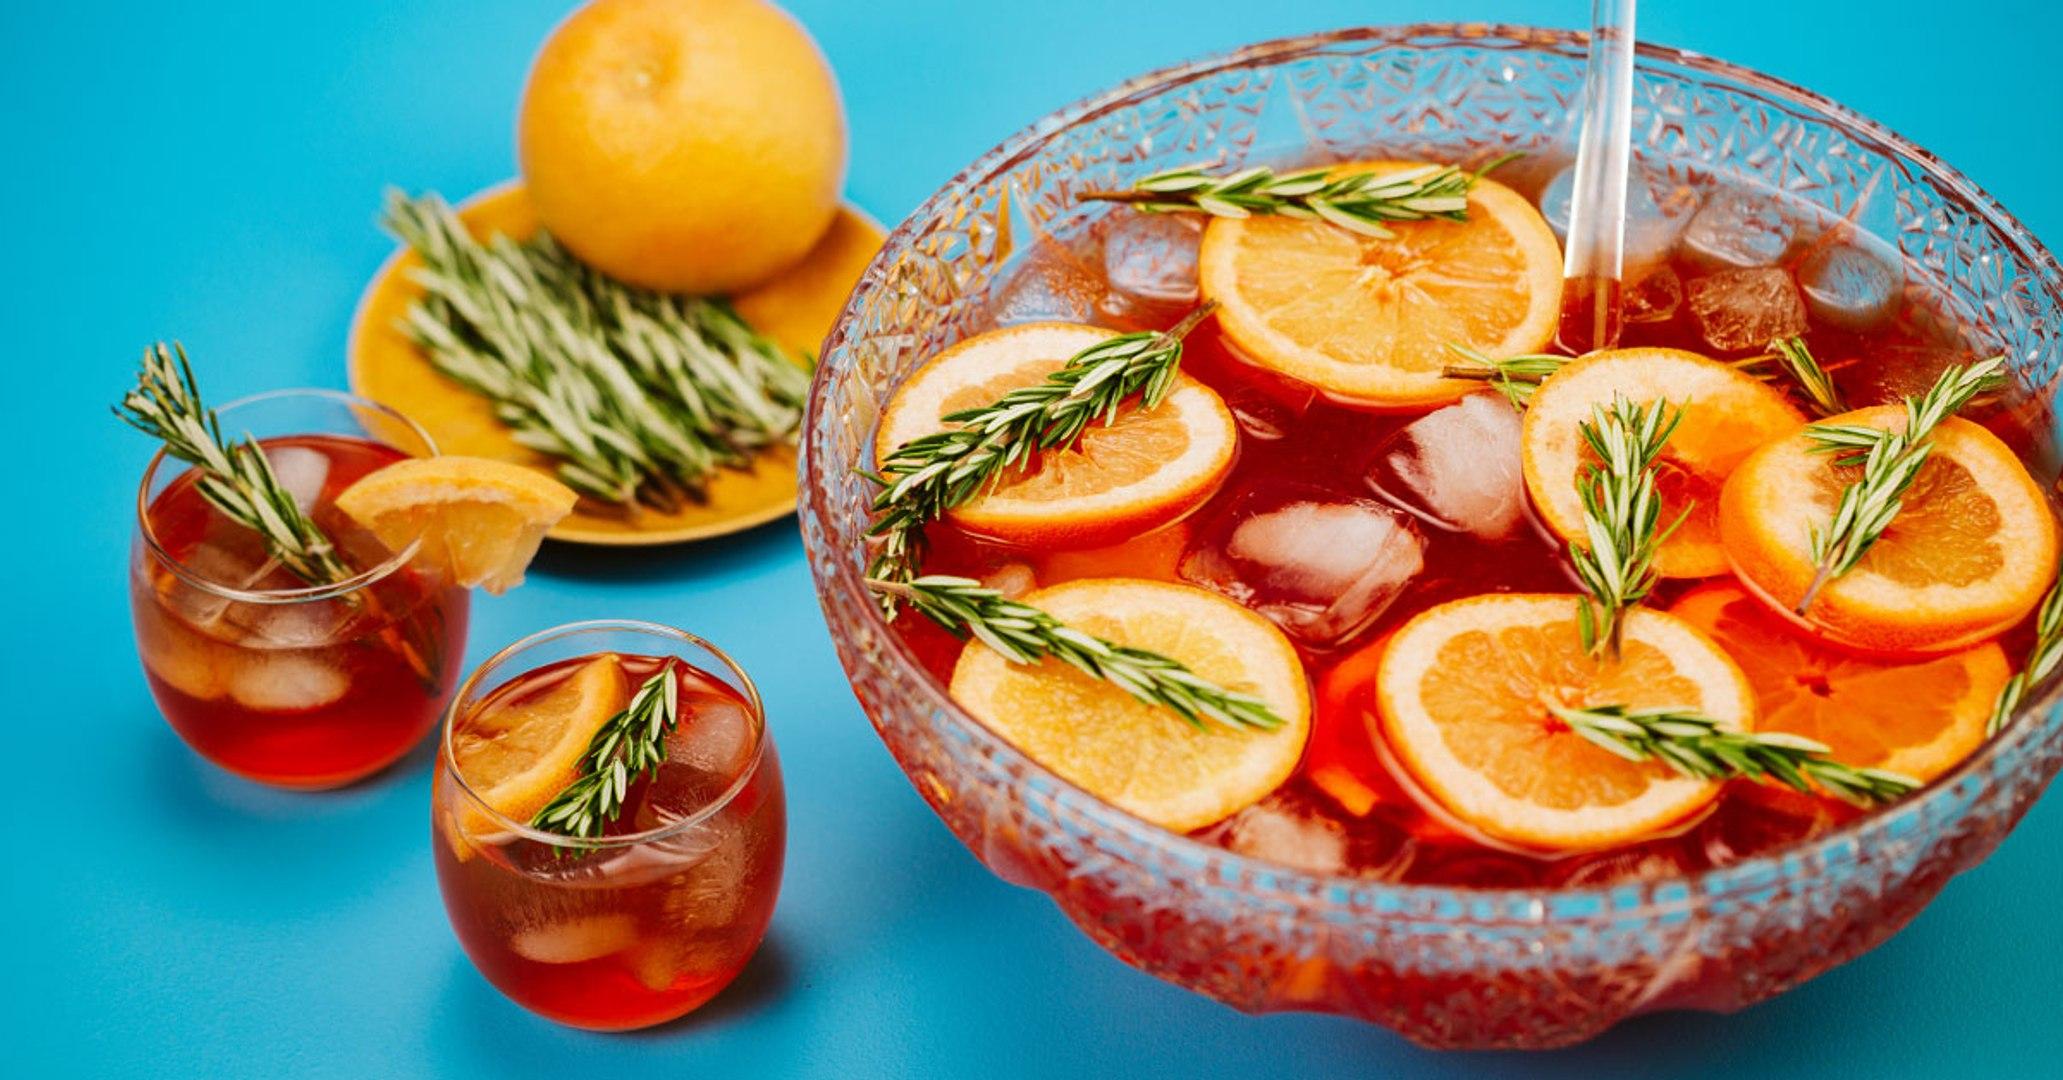 Bourbon Rosemary Punch Cocktail Recipe - Liquor.com